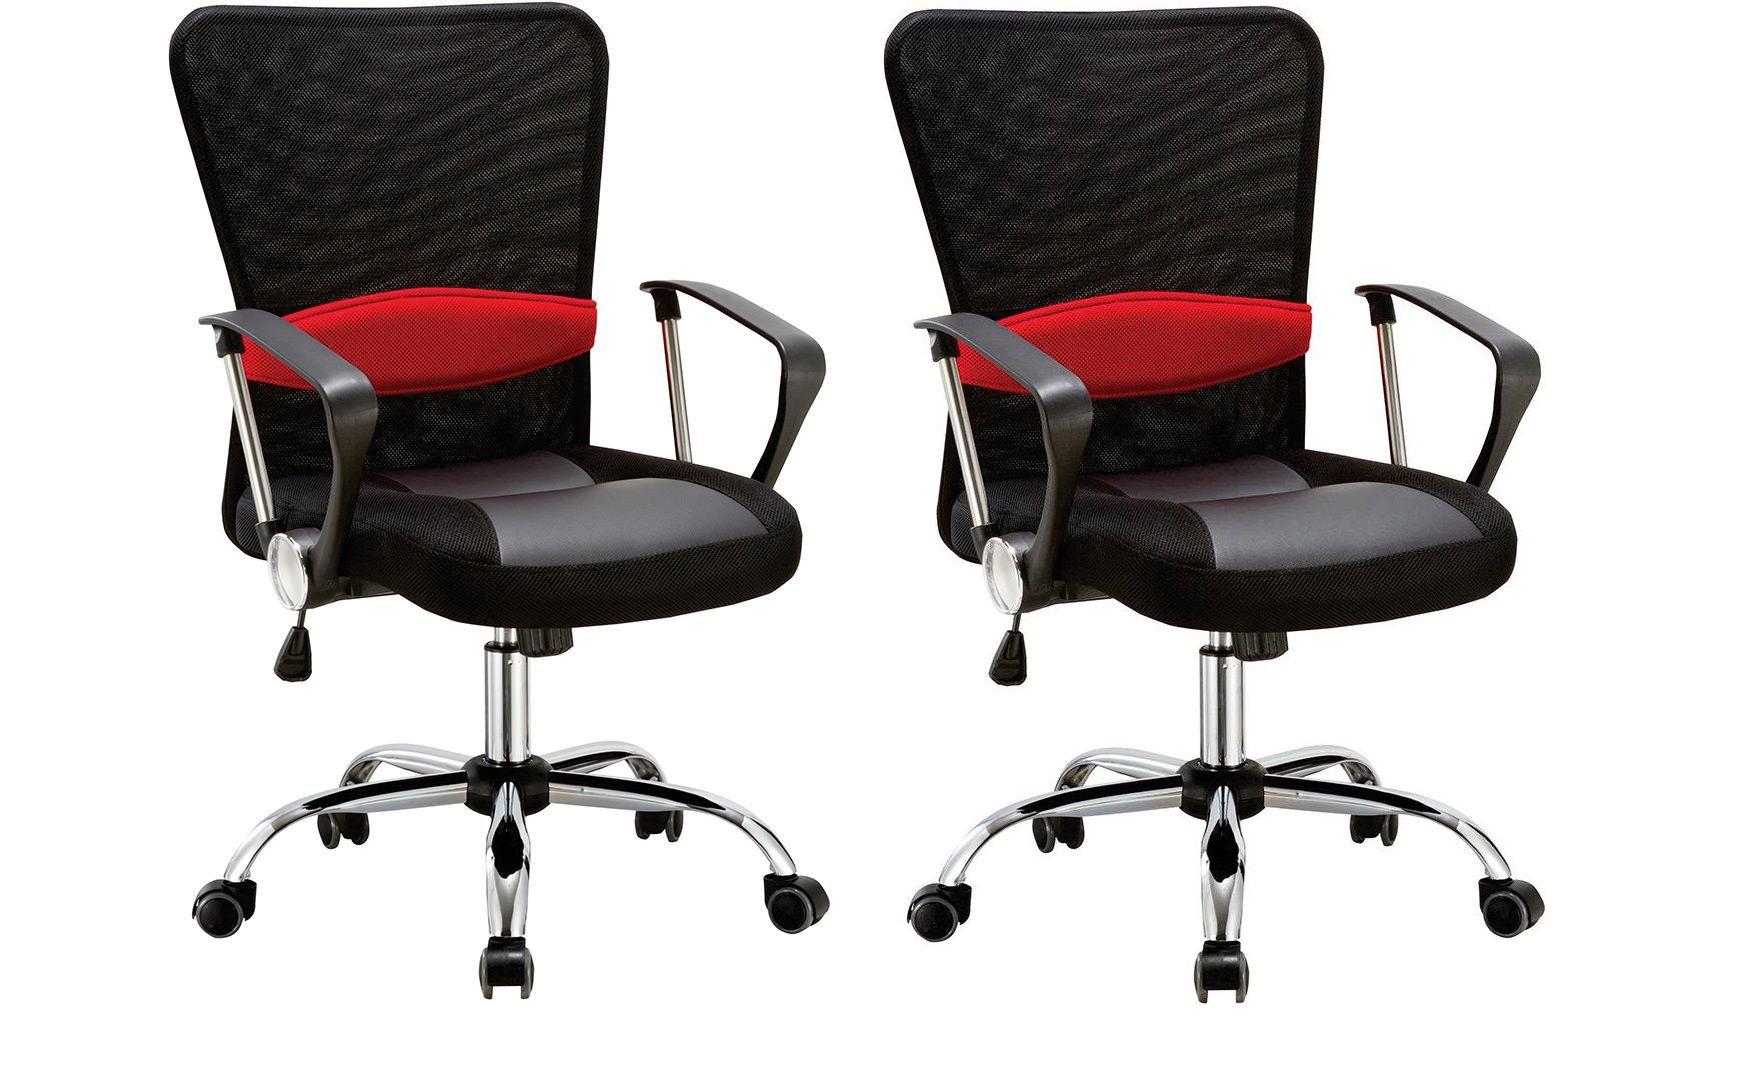 Kit com 2 Cadeiras Escritório Executiva Giratória Contract Preto Regulagem De Altura a Gás Tela